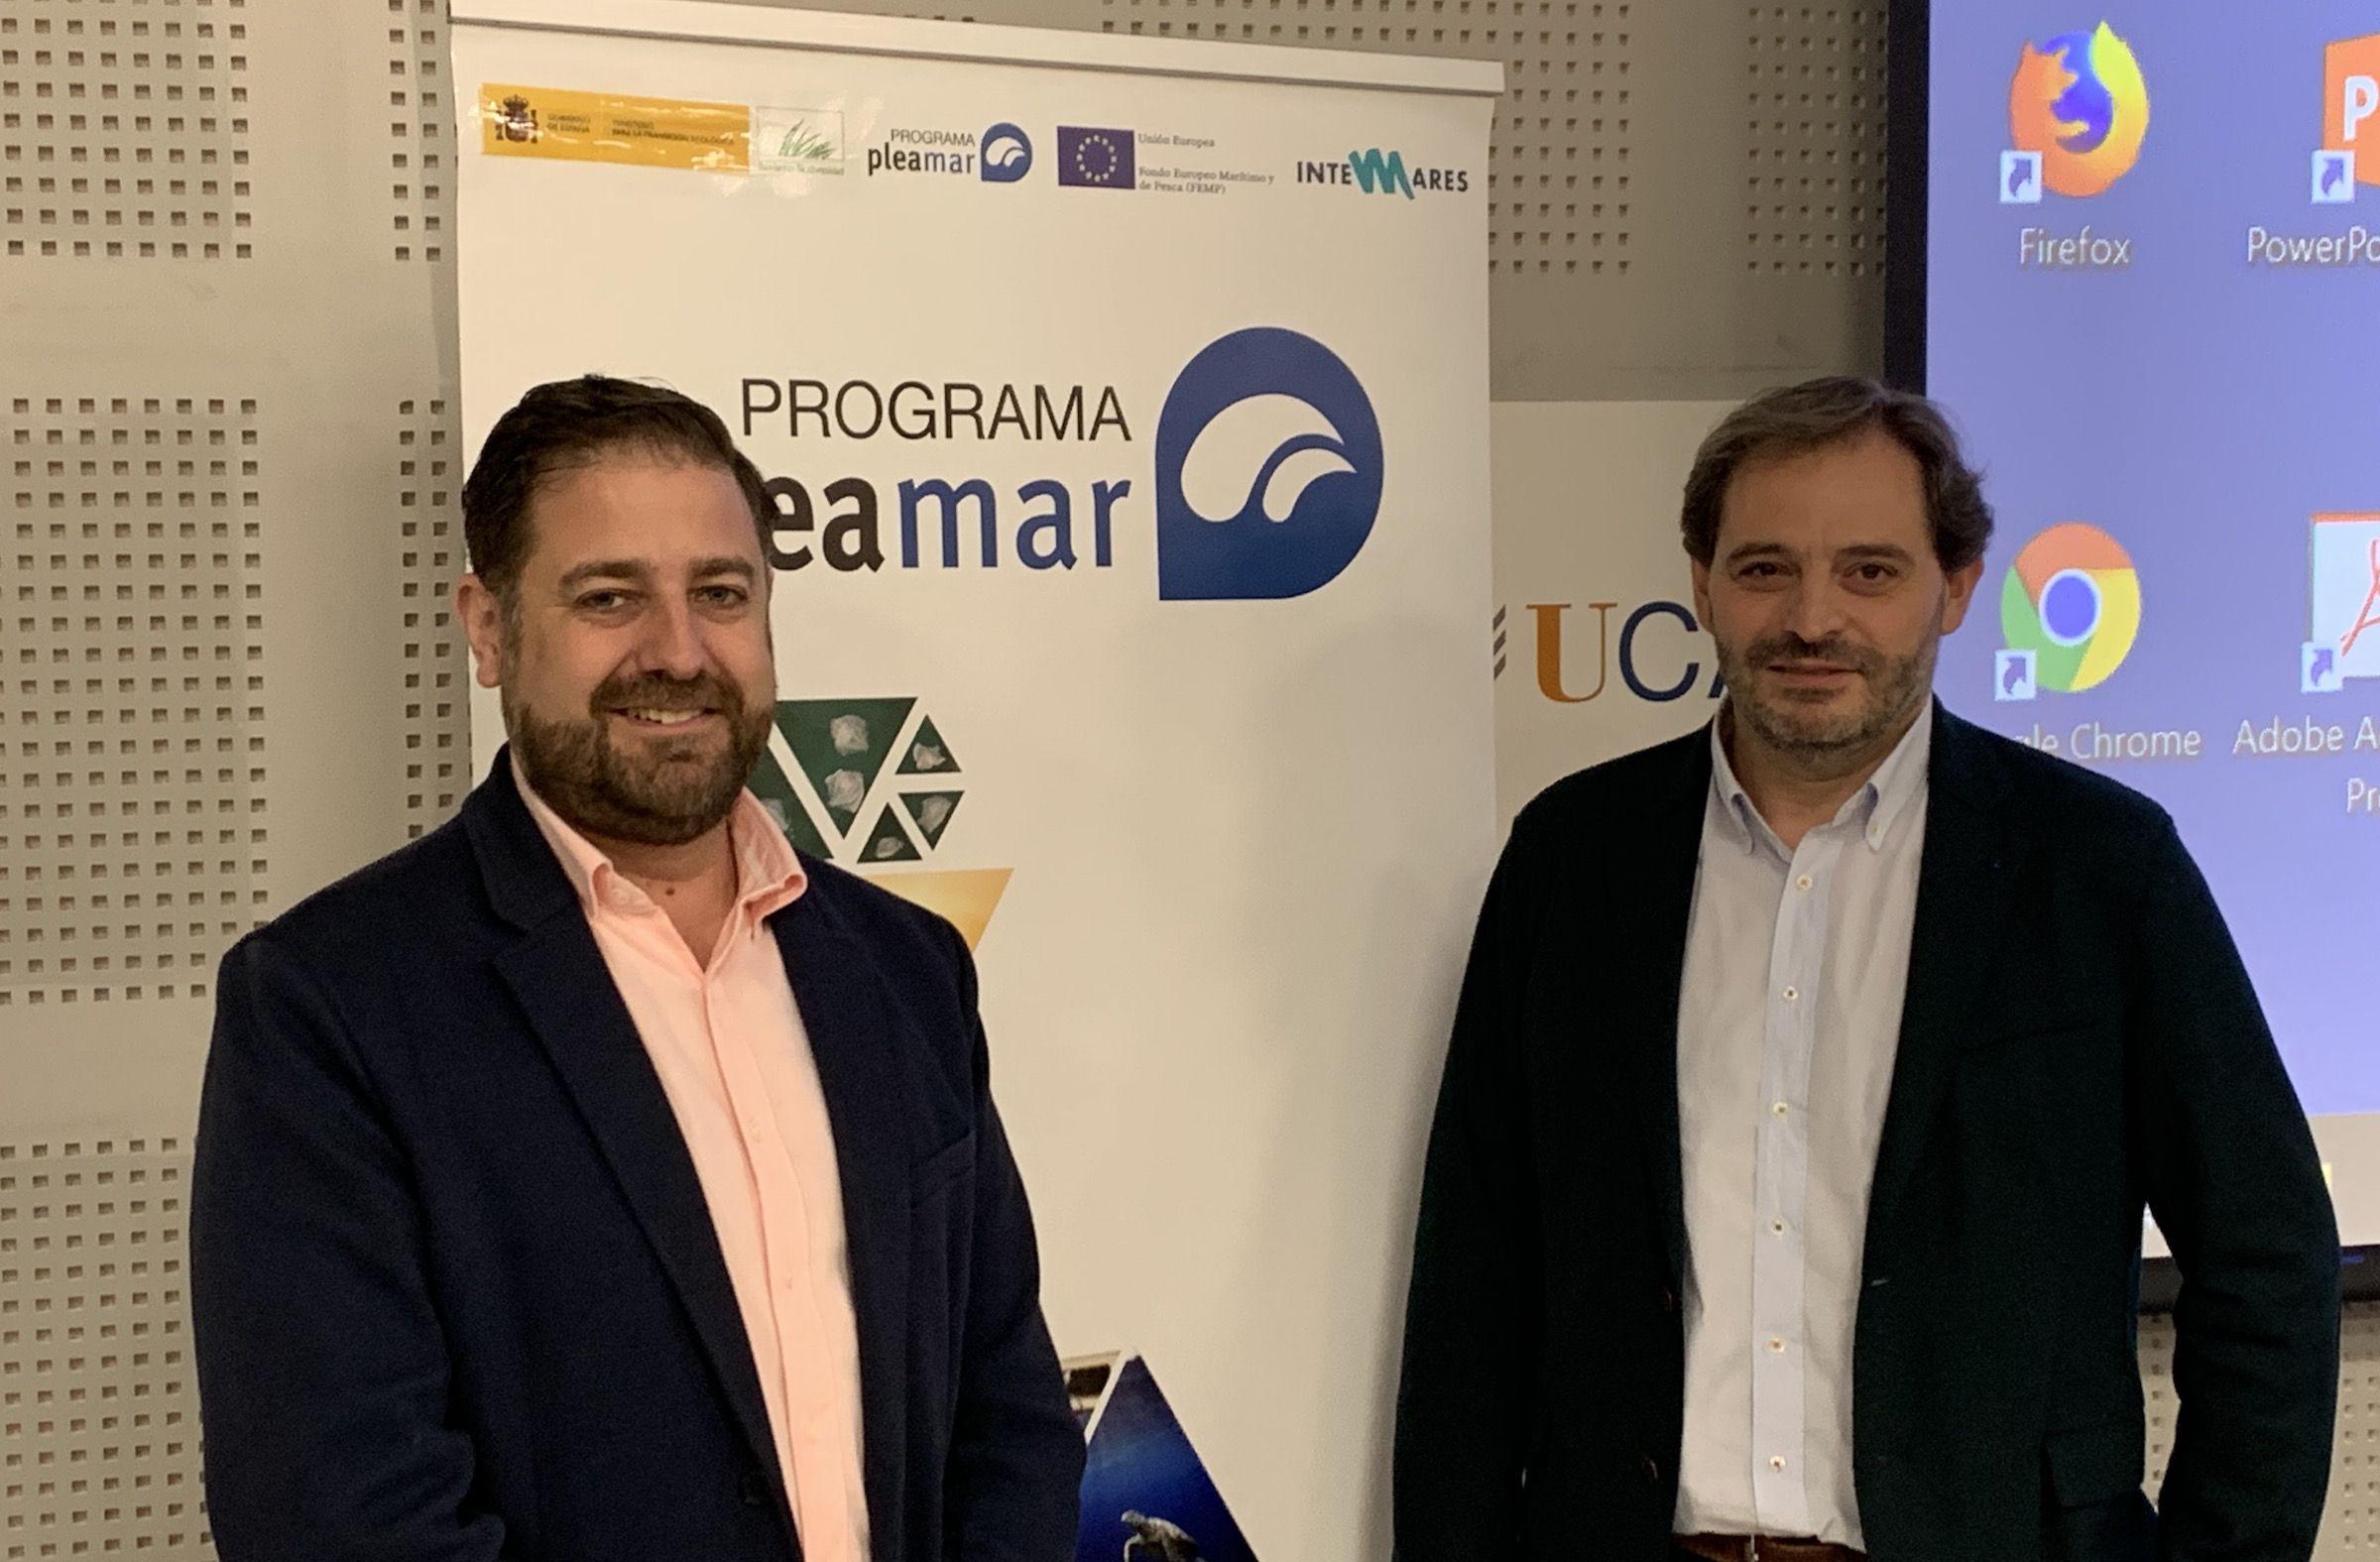 Jordi López y Jesús Cardells, en las jornadas del Programa pleamar, celebradas en la Universidad de Cádiz, donde han presentado el proyecto.